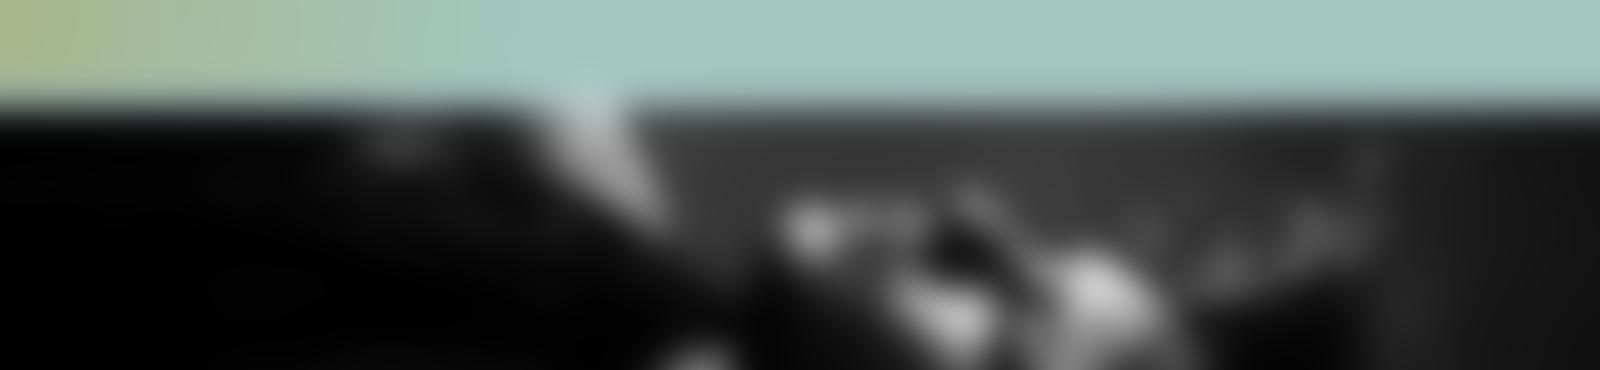 Blurred a7bd707d b509 492e 920c cda21191cc1e